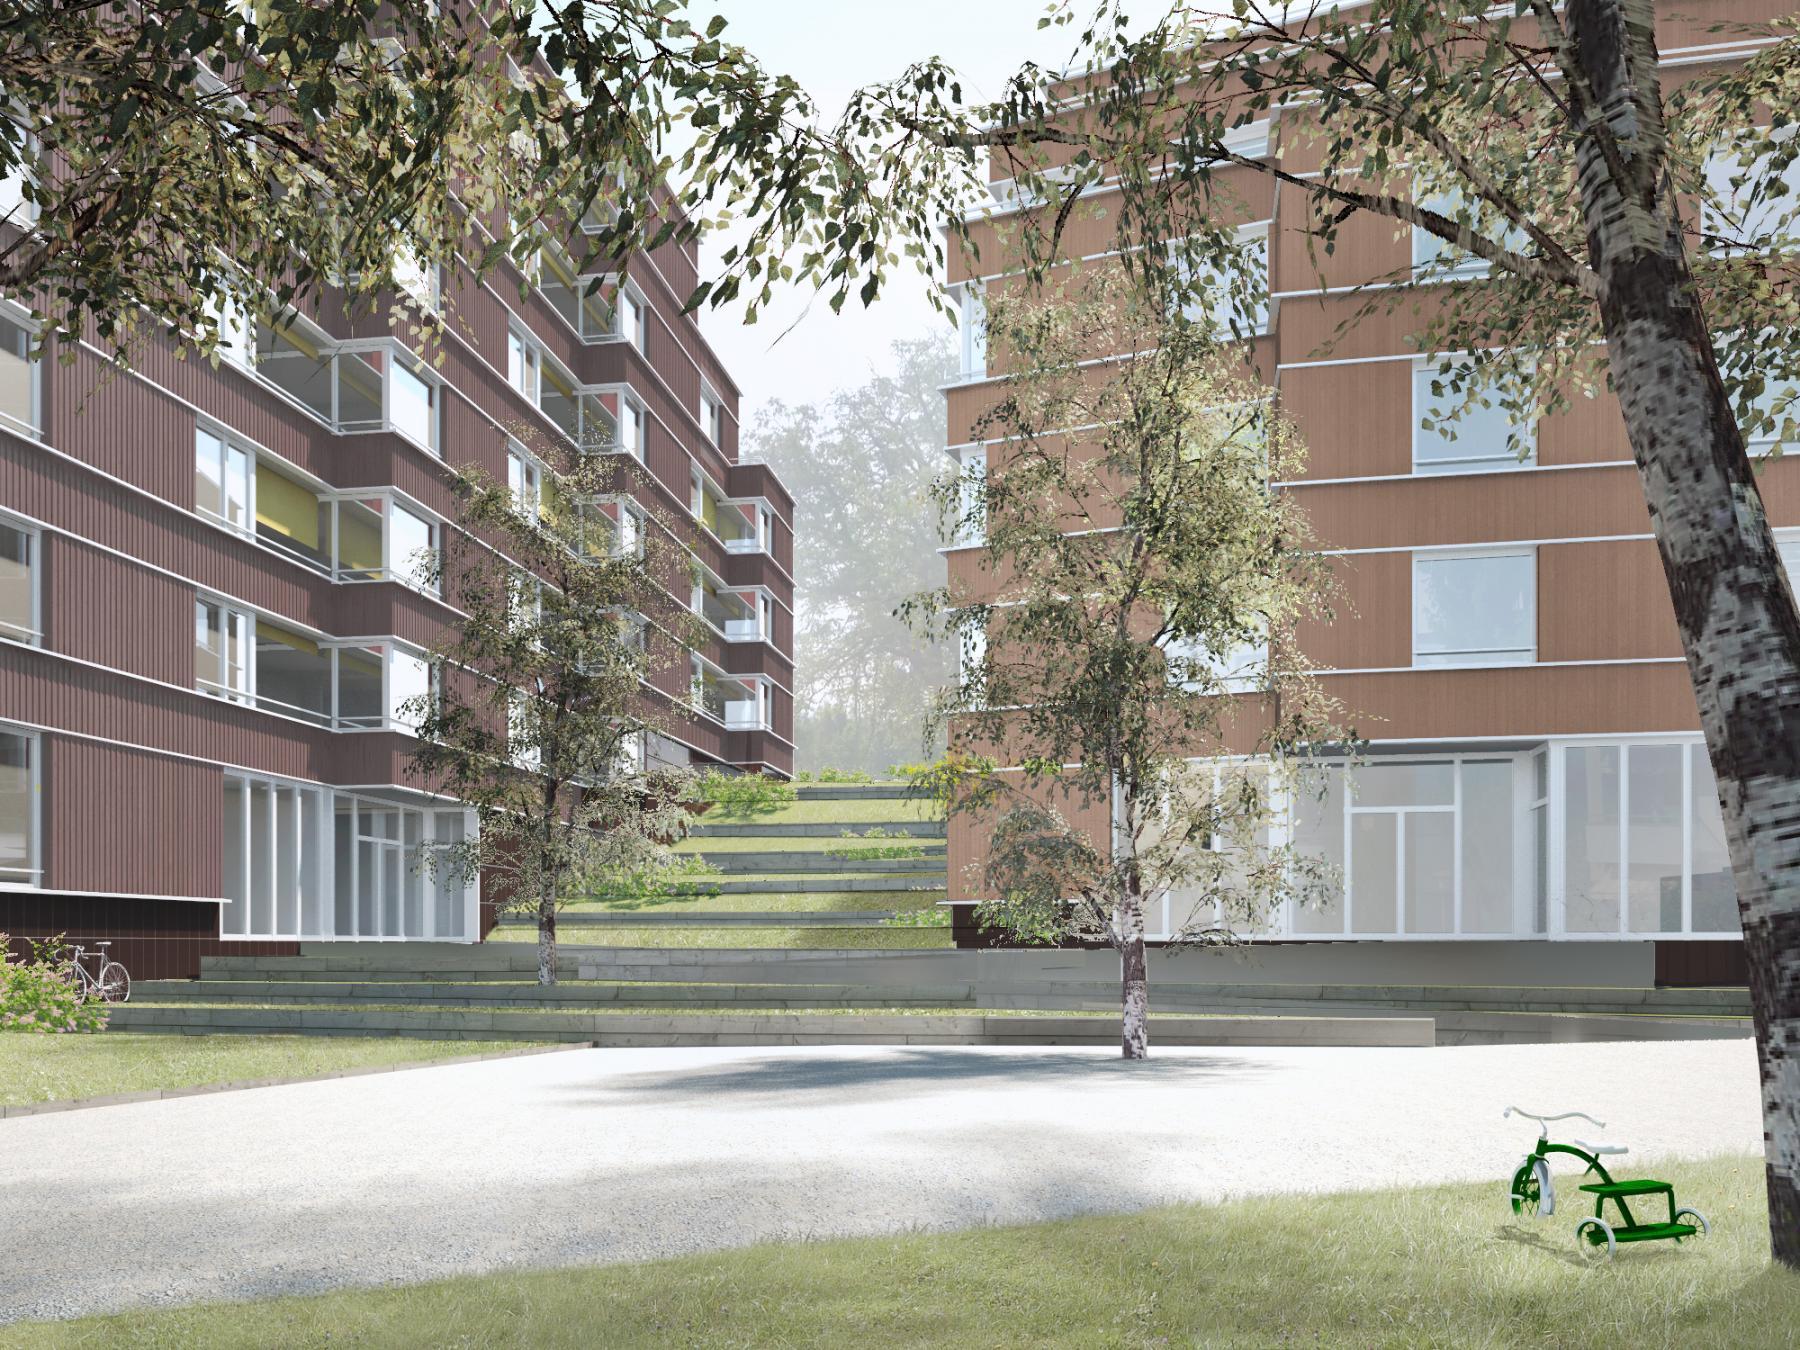 Neubau Witikonerstrasse 521, Zürich-Witikon, Baumberger & Stegmeier Architekten